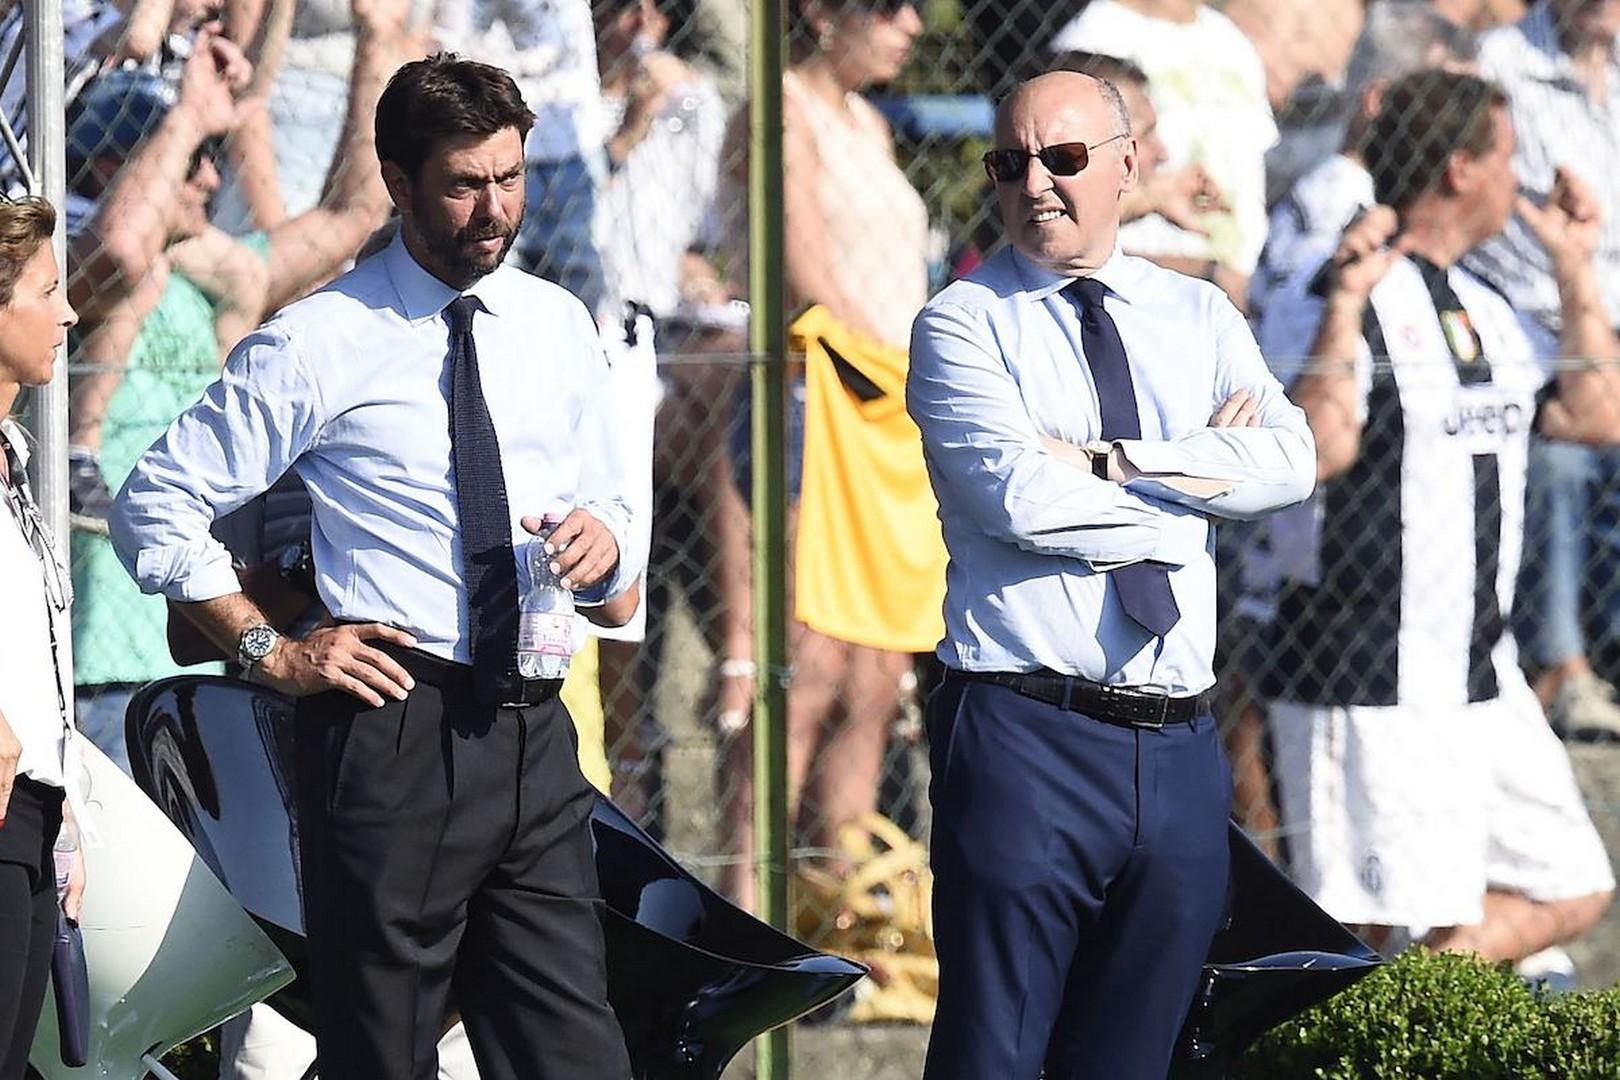 Il Presidente Dell'Adise Giuseppe Marotta In Un'intervista Parla Del Ruolo Del Direttore Sportivo